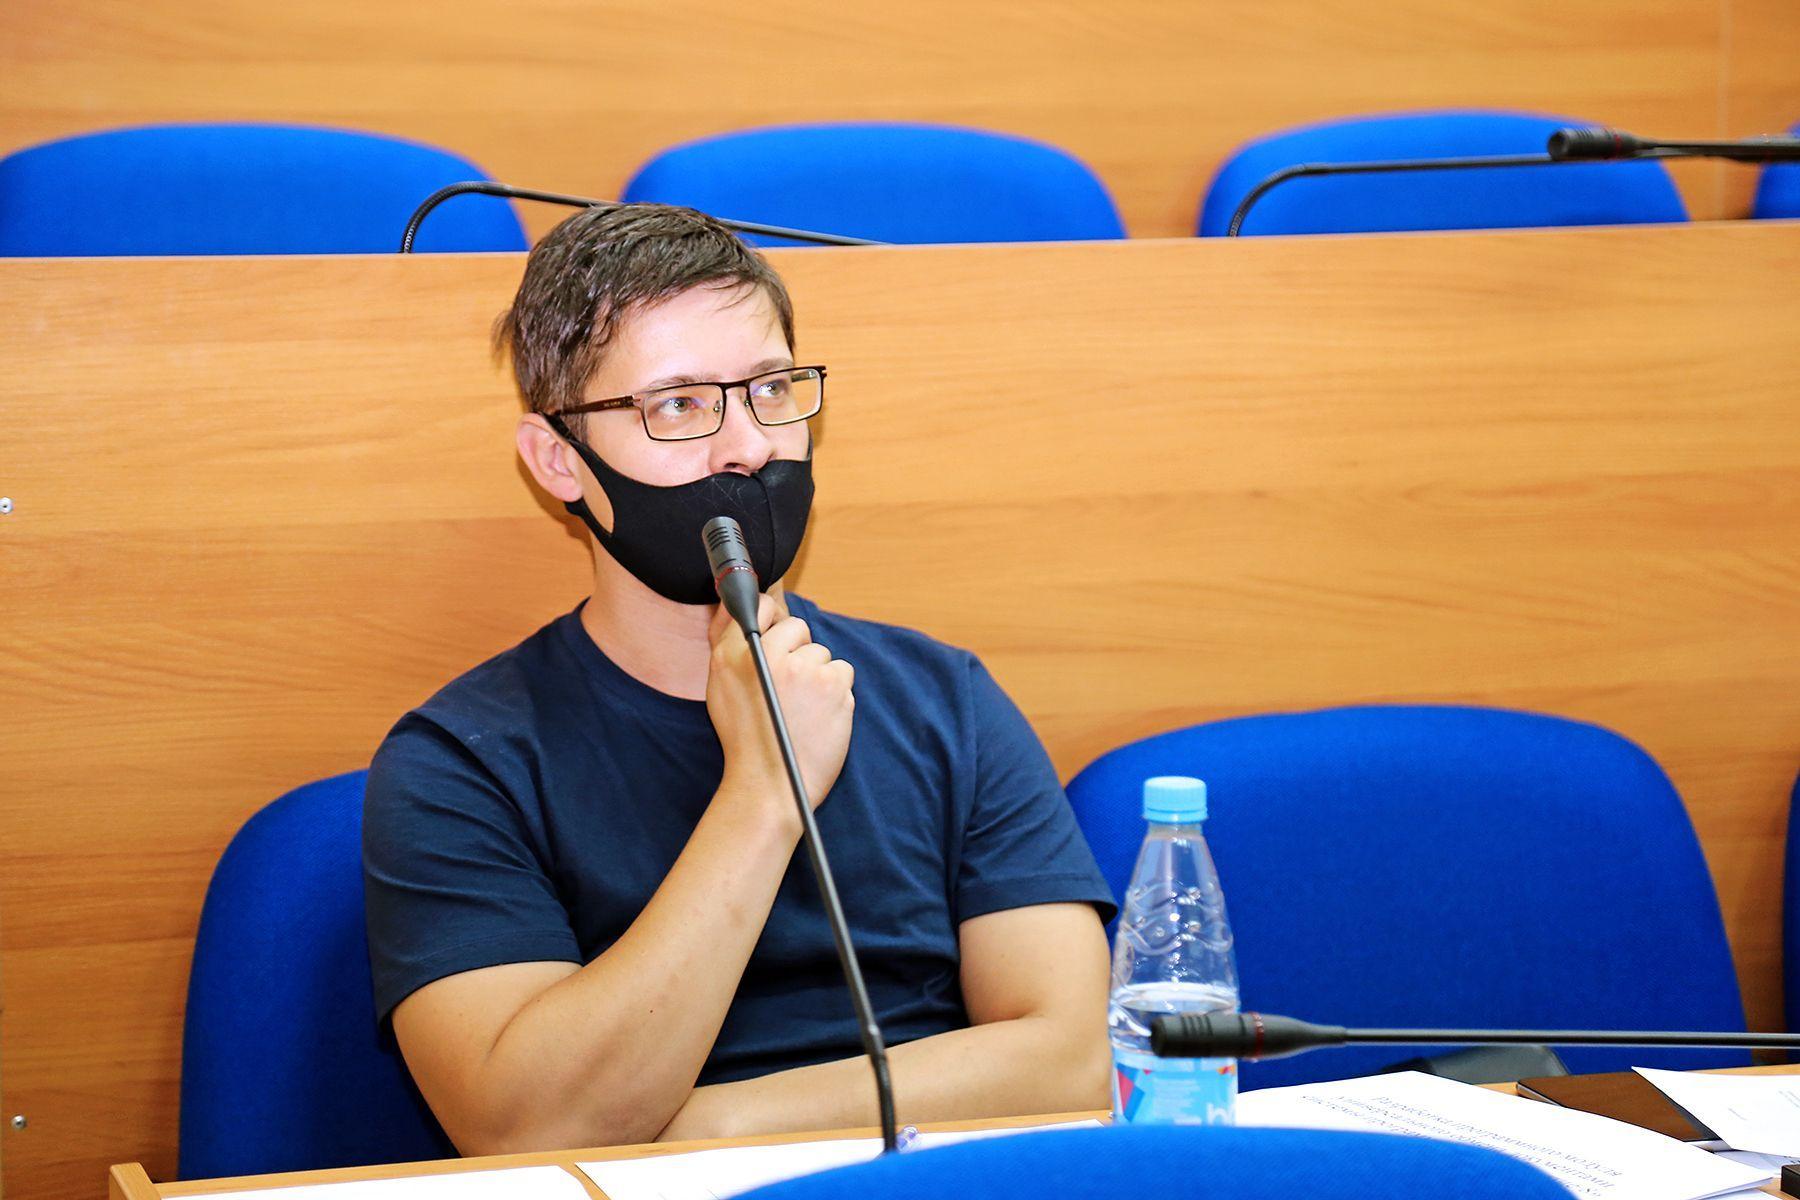 Выпускники кафедры Информационных технологий и систем занимаются развитием внутриигровых технологий и пробуют себя в российском геймдеве